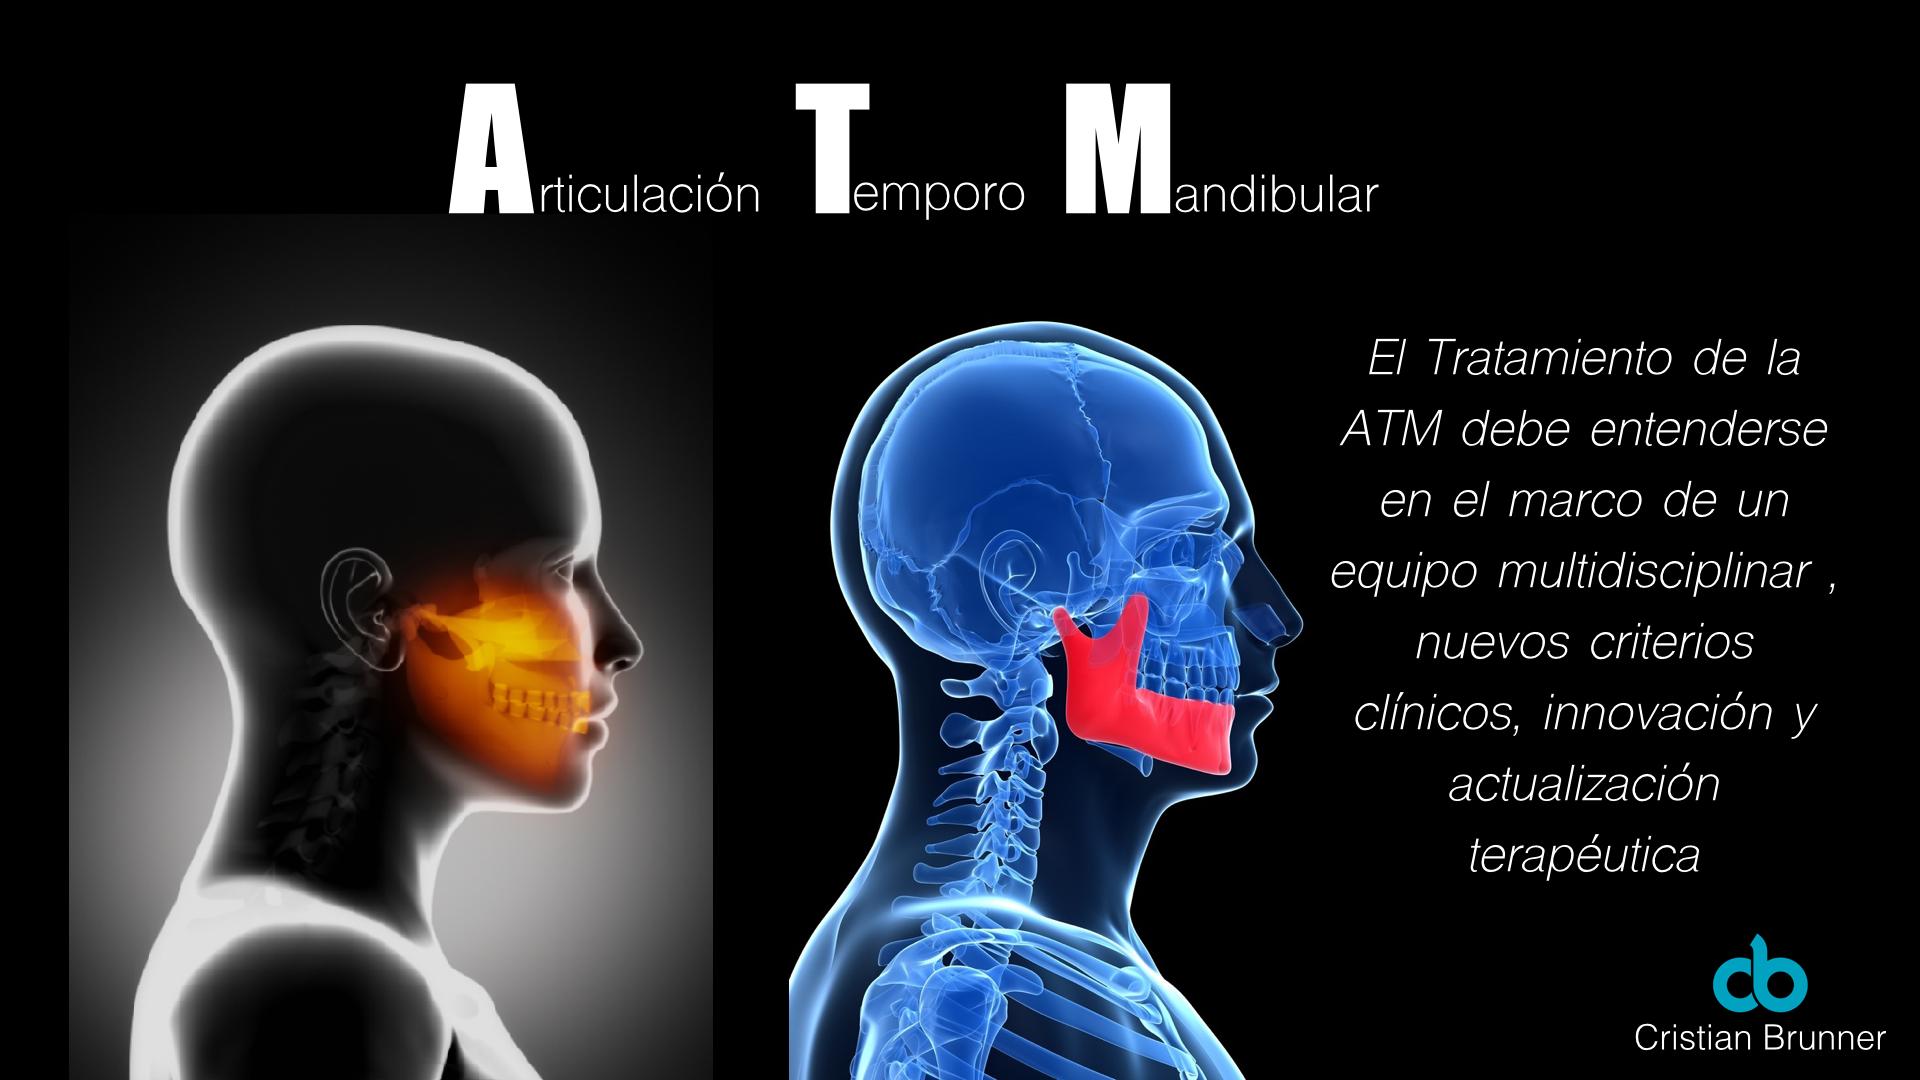 ATM: Articulación Temporomandibular - Cristian Brunner